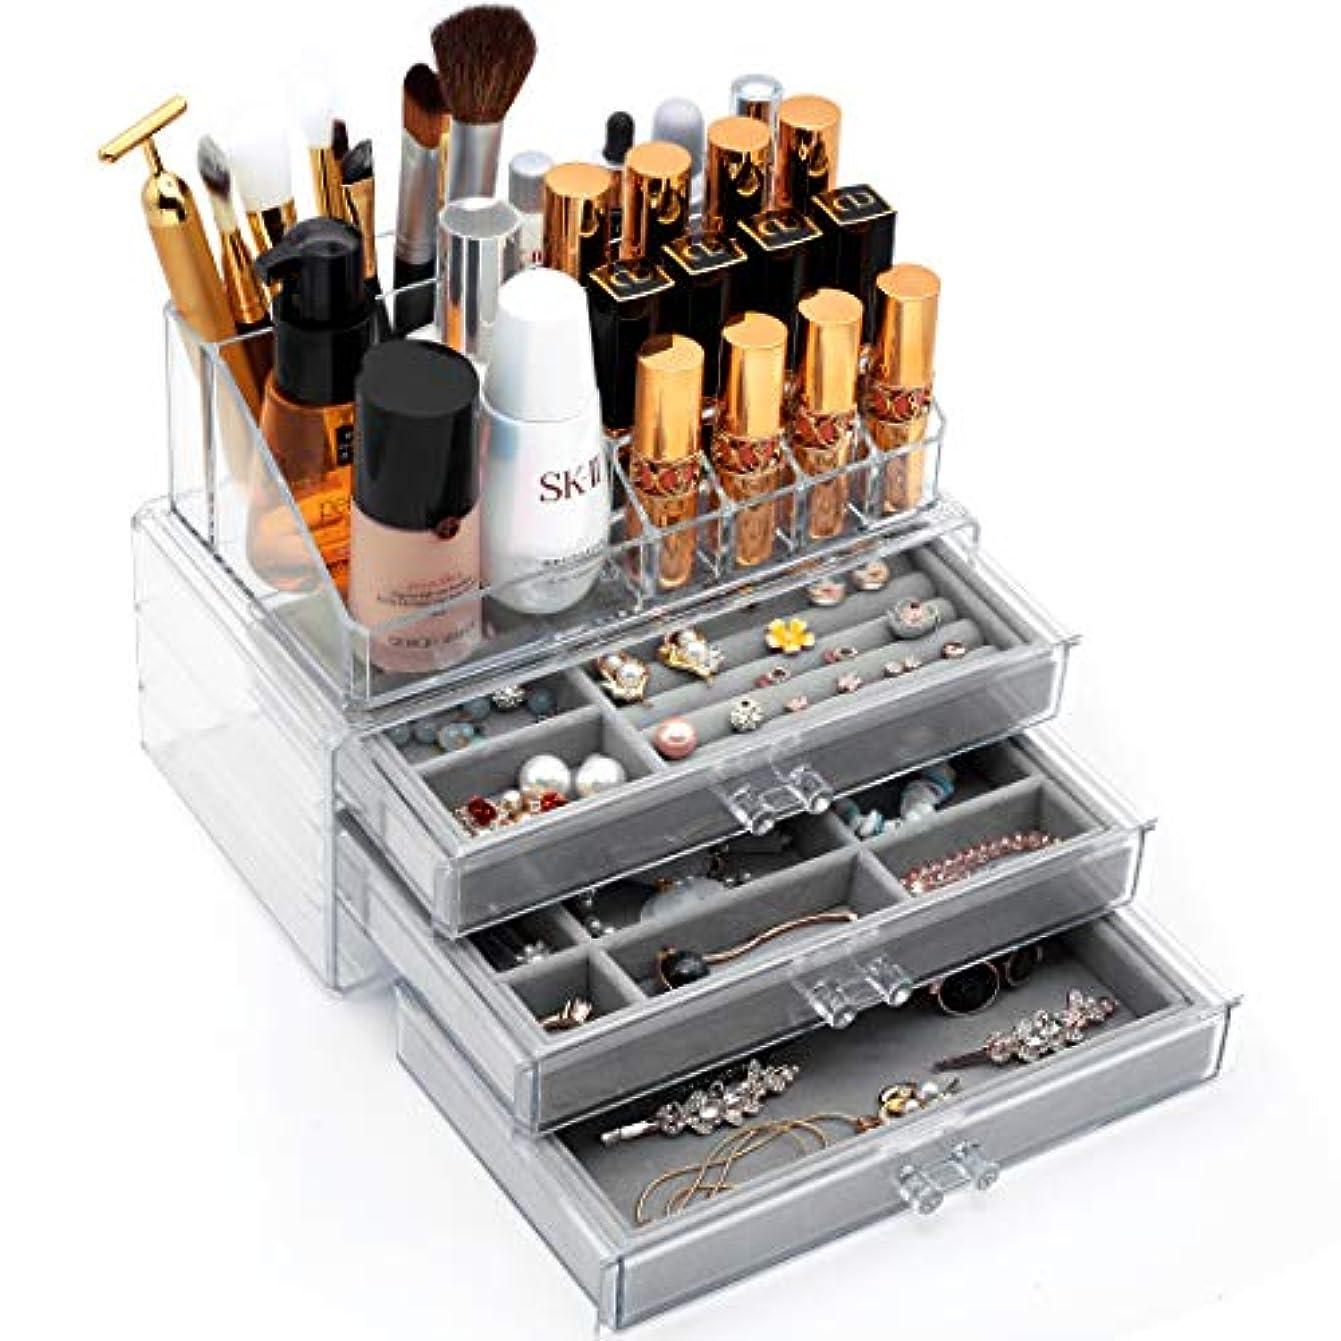 ホバート飼料独占FORSONT ジュエリー&化粧品ボックス 大容量 アクセサリーボックス 小物/化粧品入れ 引き出し式